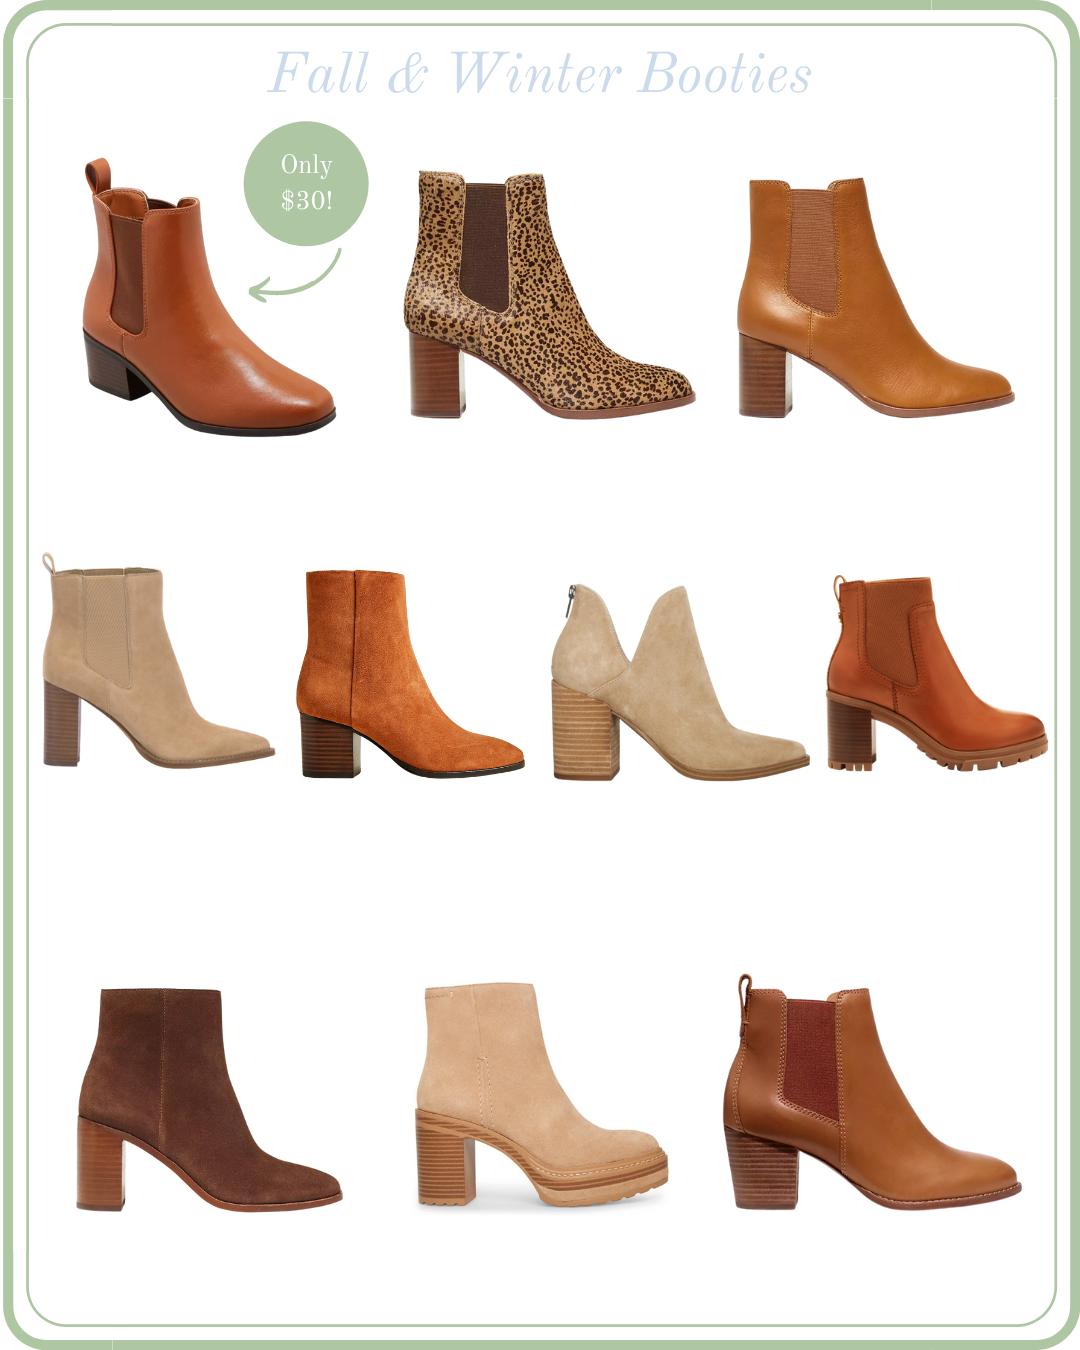 women's fall booties, women's winter booties, tan booties, leopard print booties, brown booties, suede booties, tall booties with heel, classic women's booties